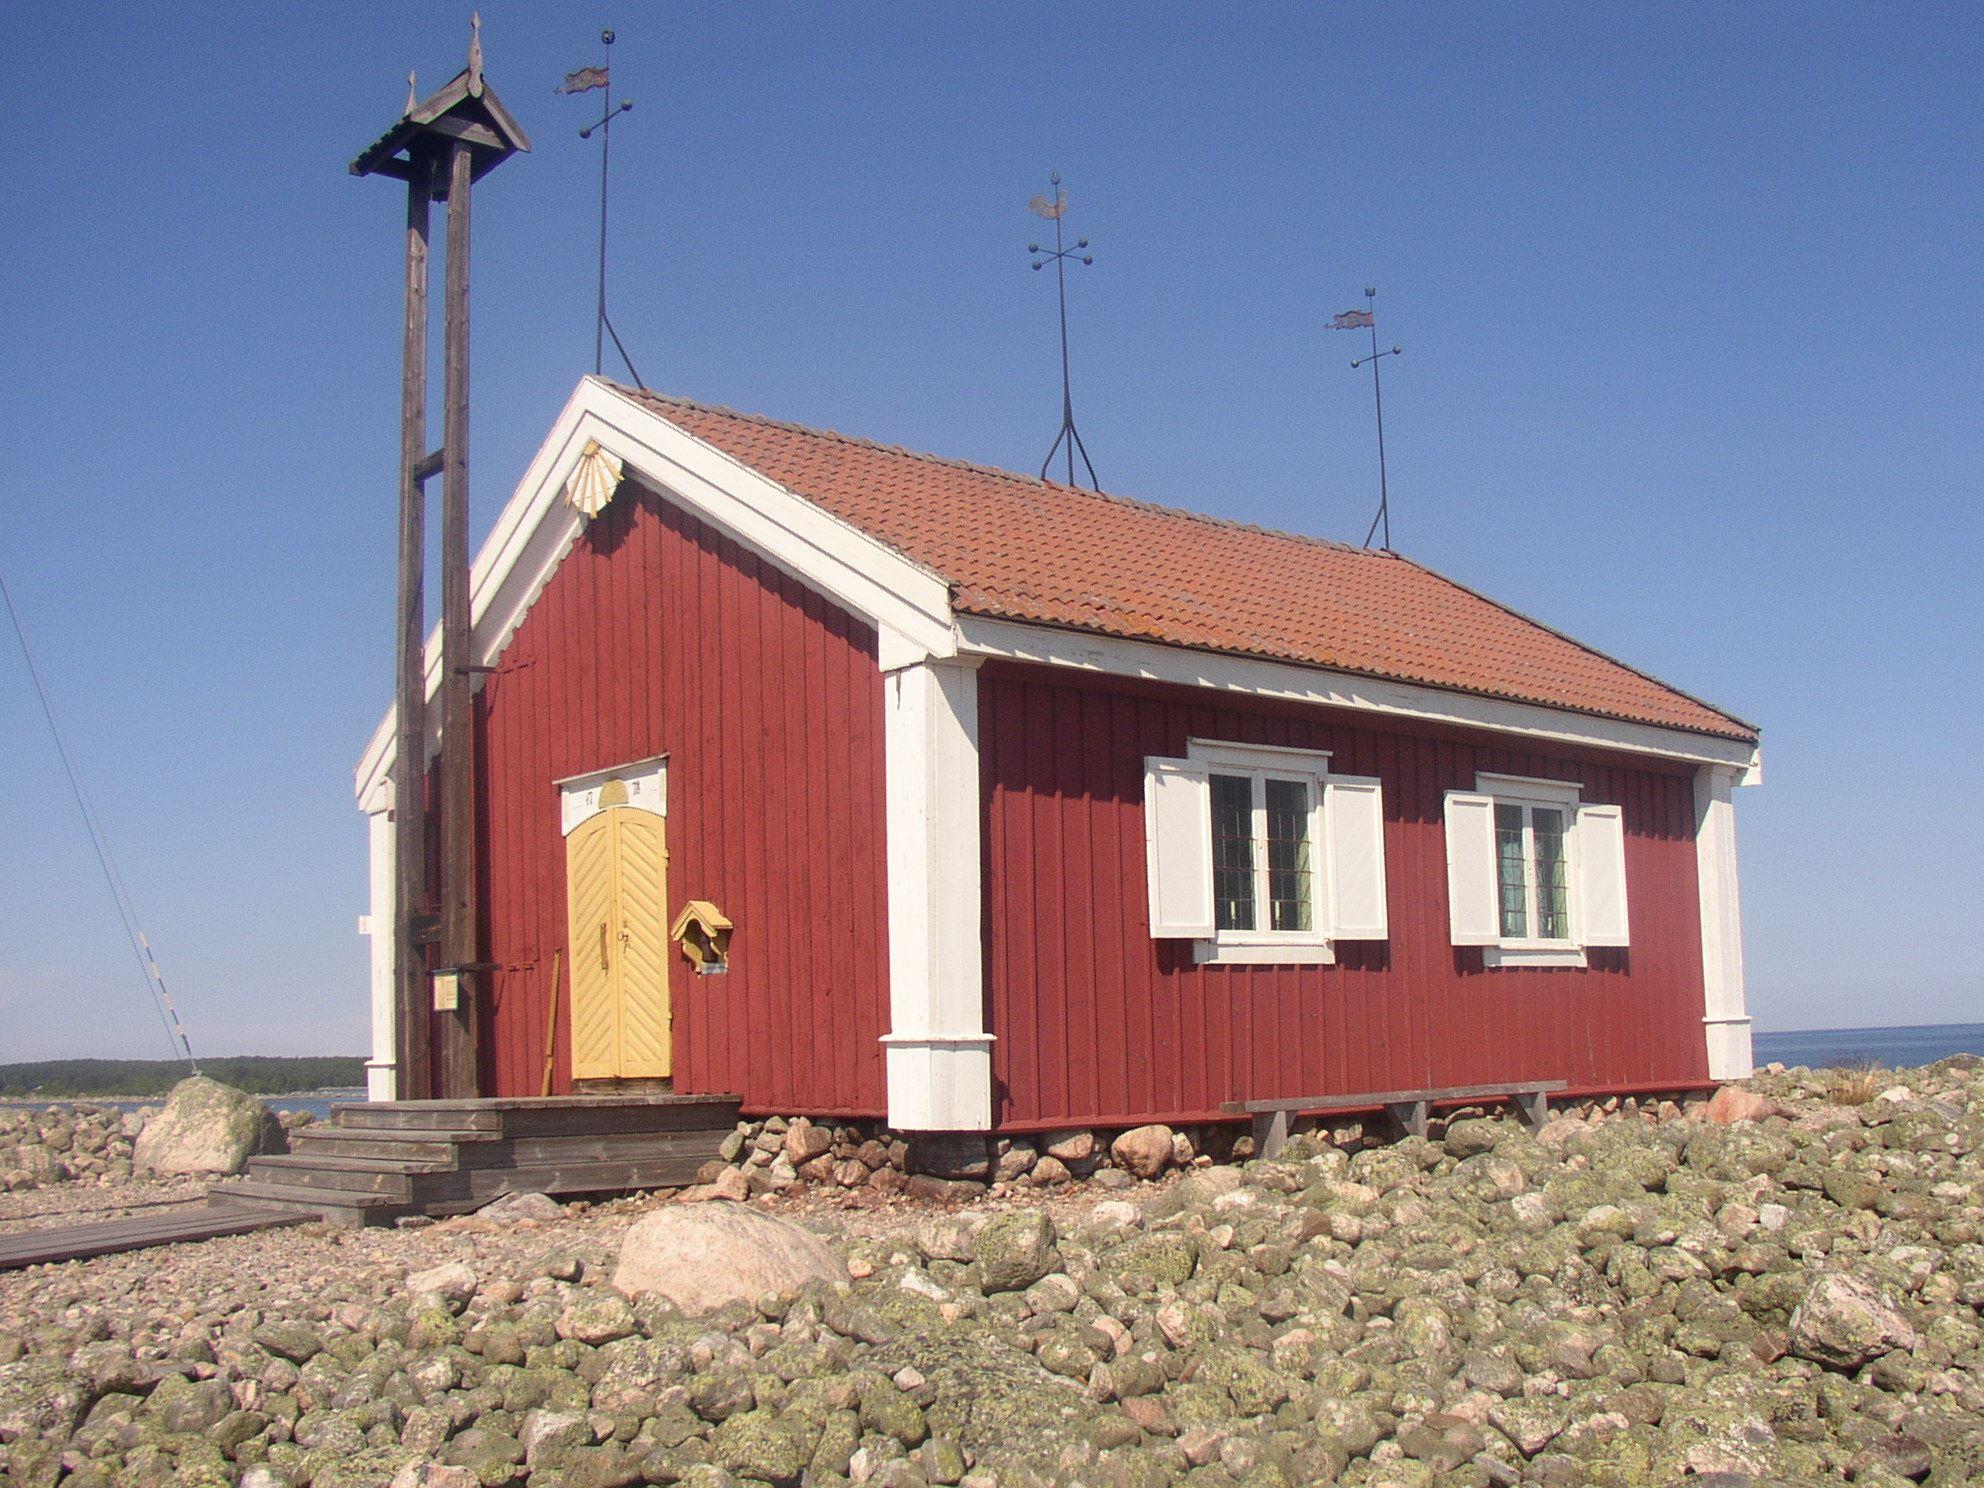 © Länsmuseet Gävleborg, Kuggörarnas kapell